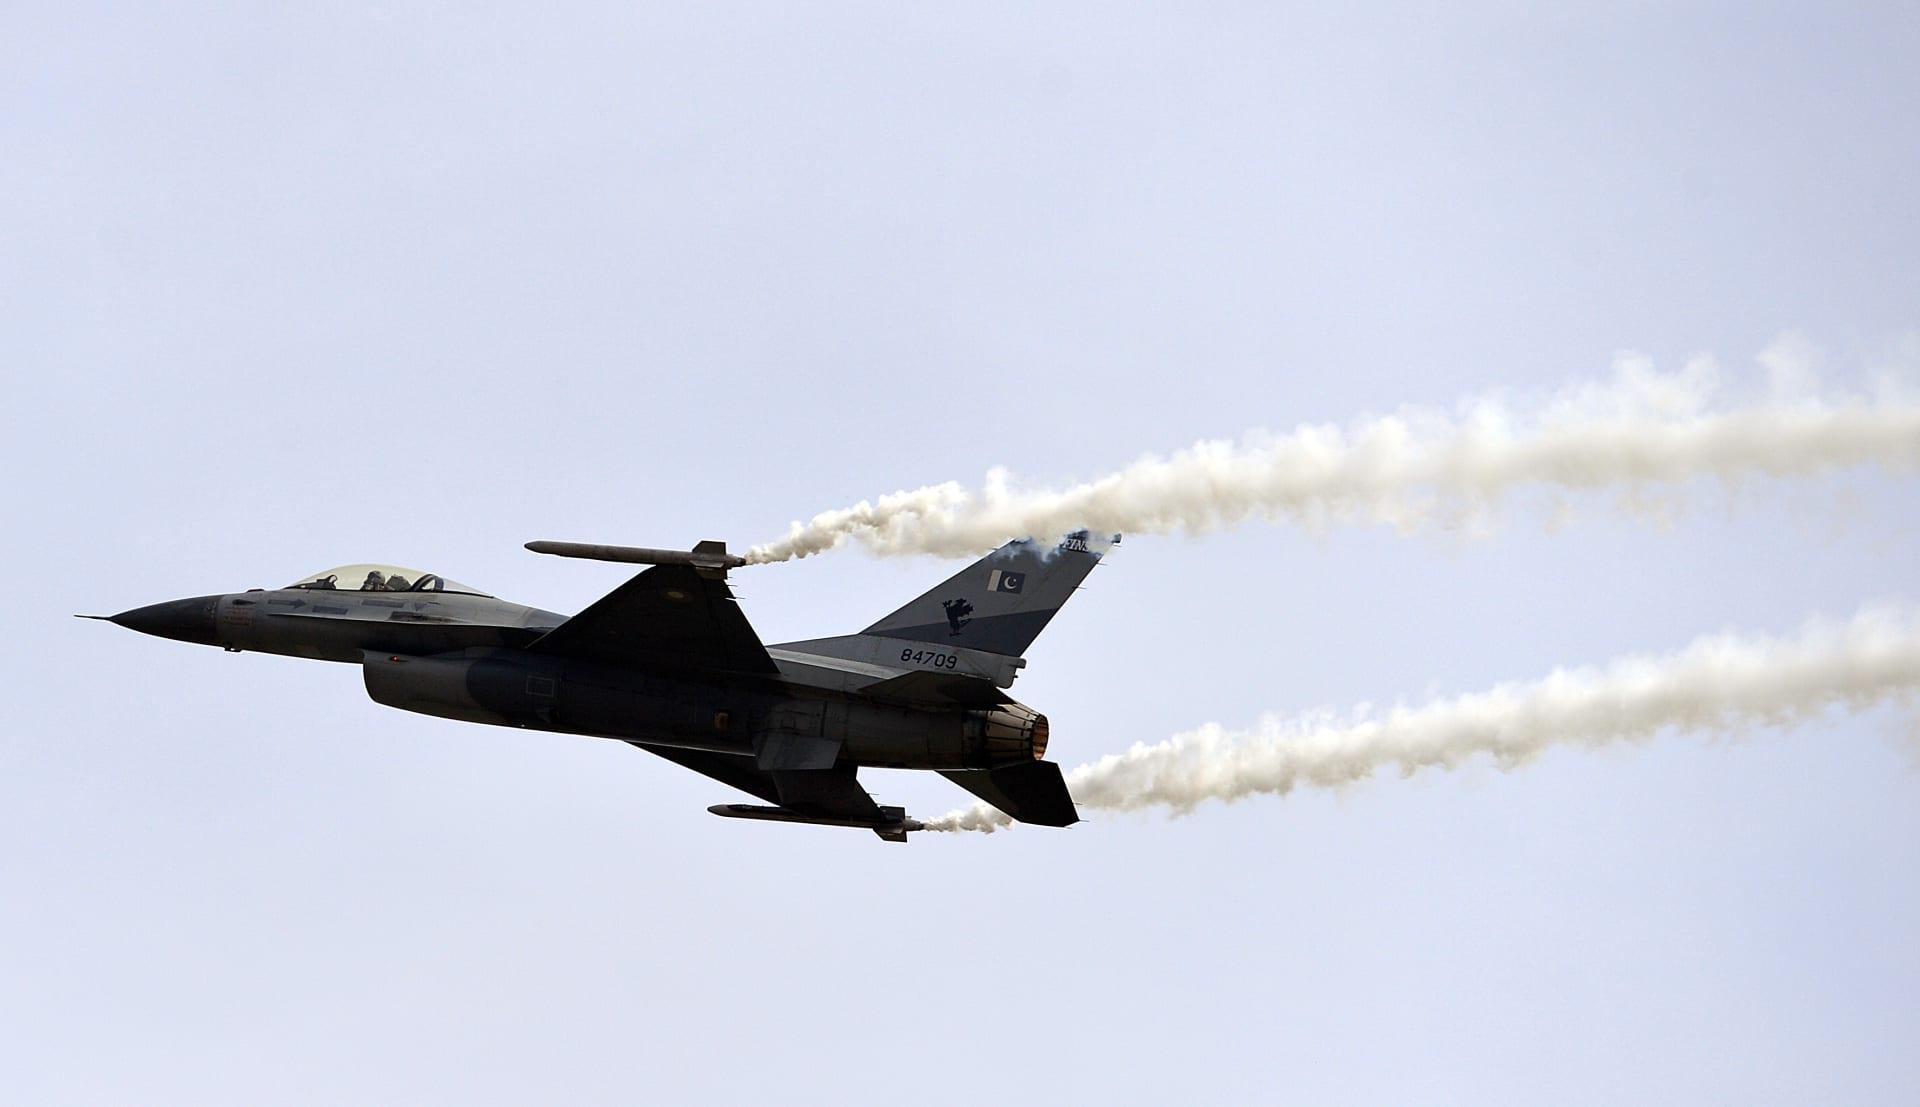 حكومة باكستان: الجيش يسقط طائرتين هنديتين اخترقتا المجال الجوي